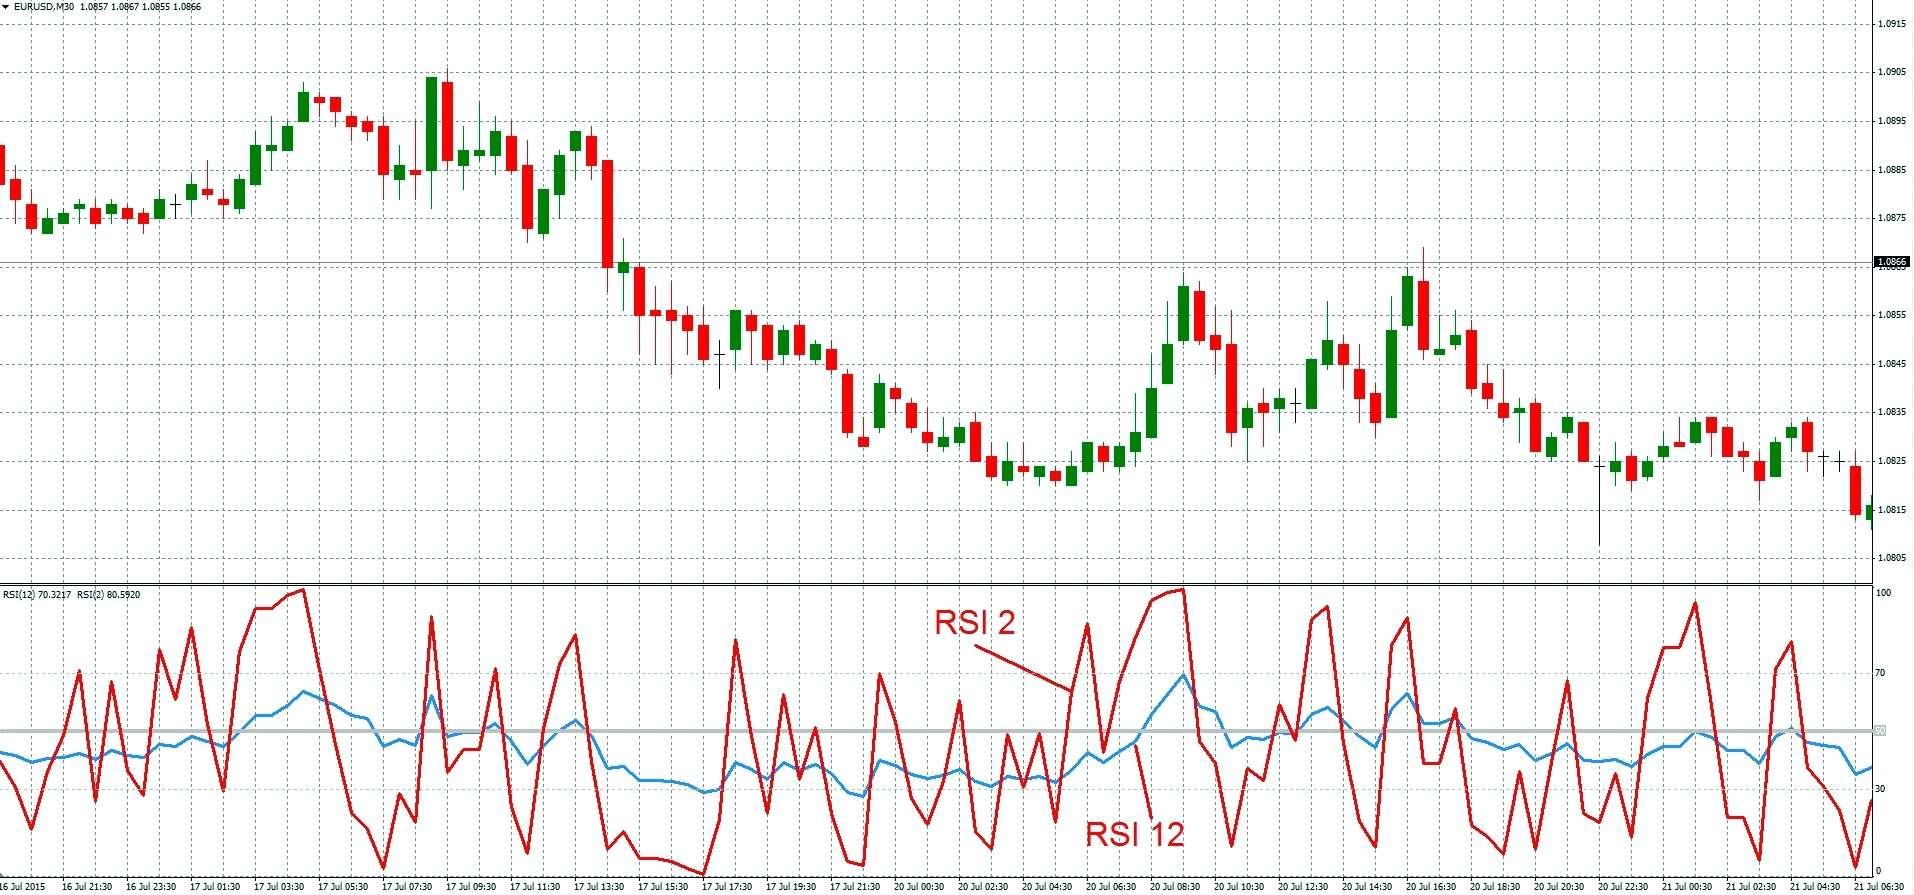 Стратегия эффективной и прибыльной торговли на Форекс - RSI 2 & 12.